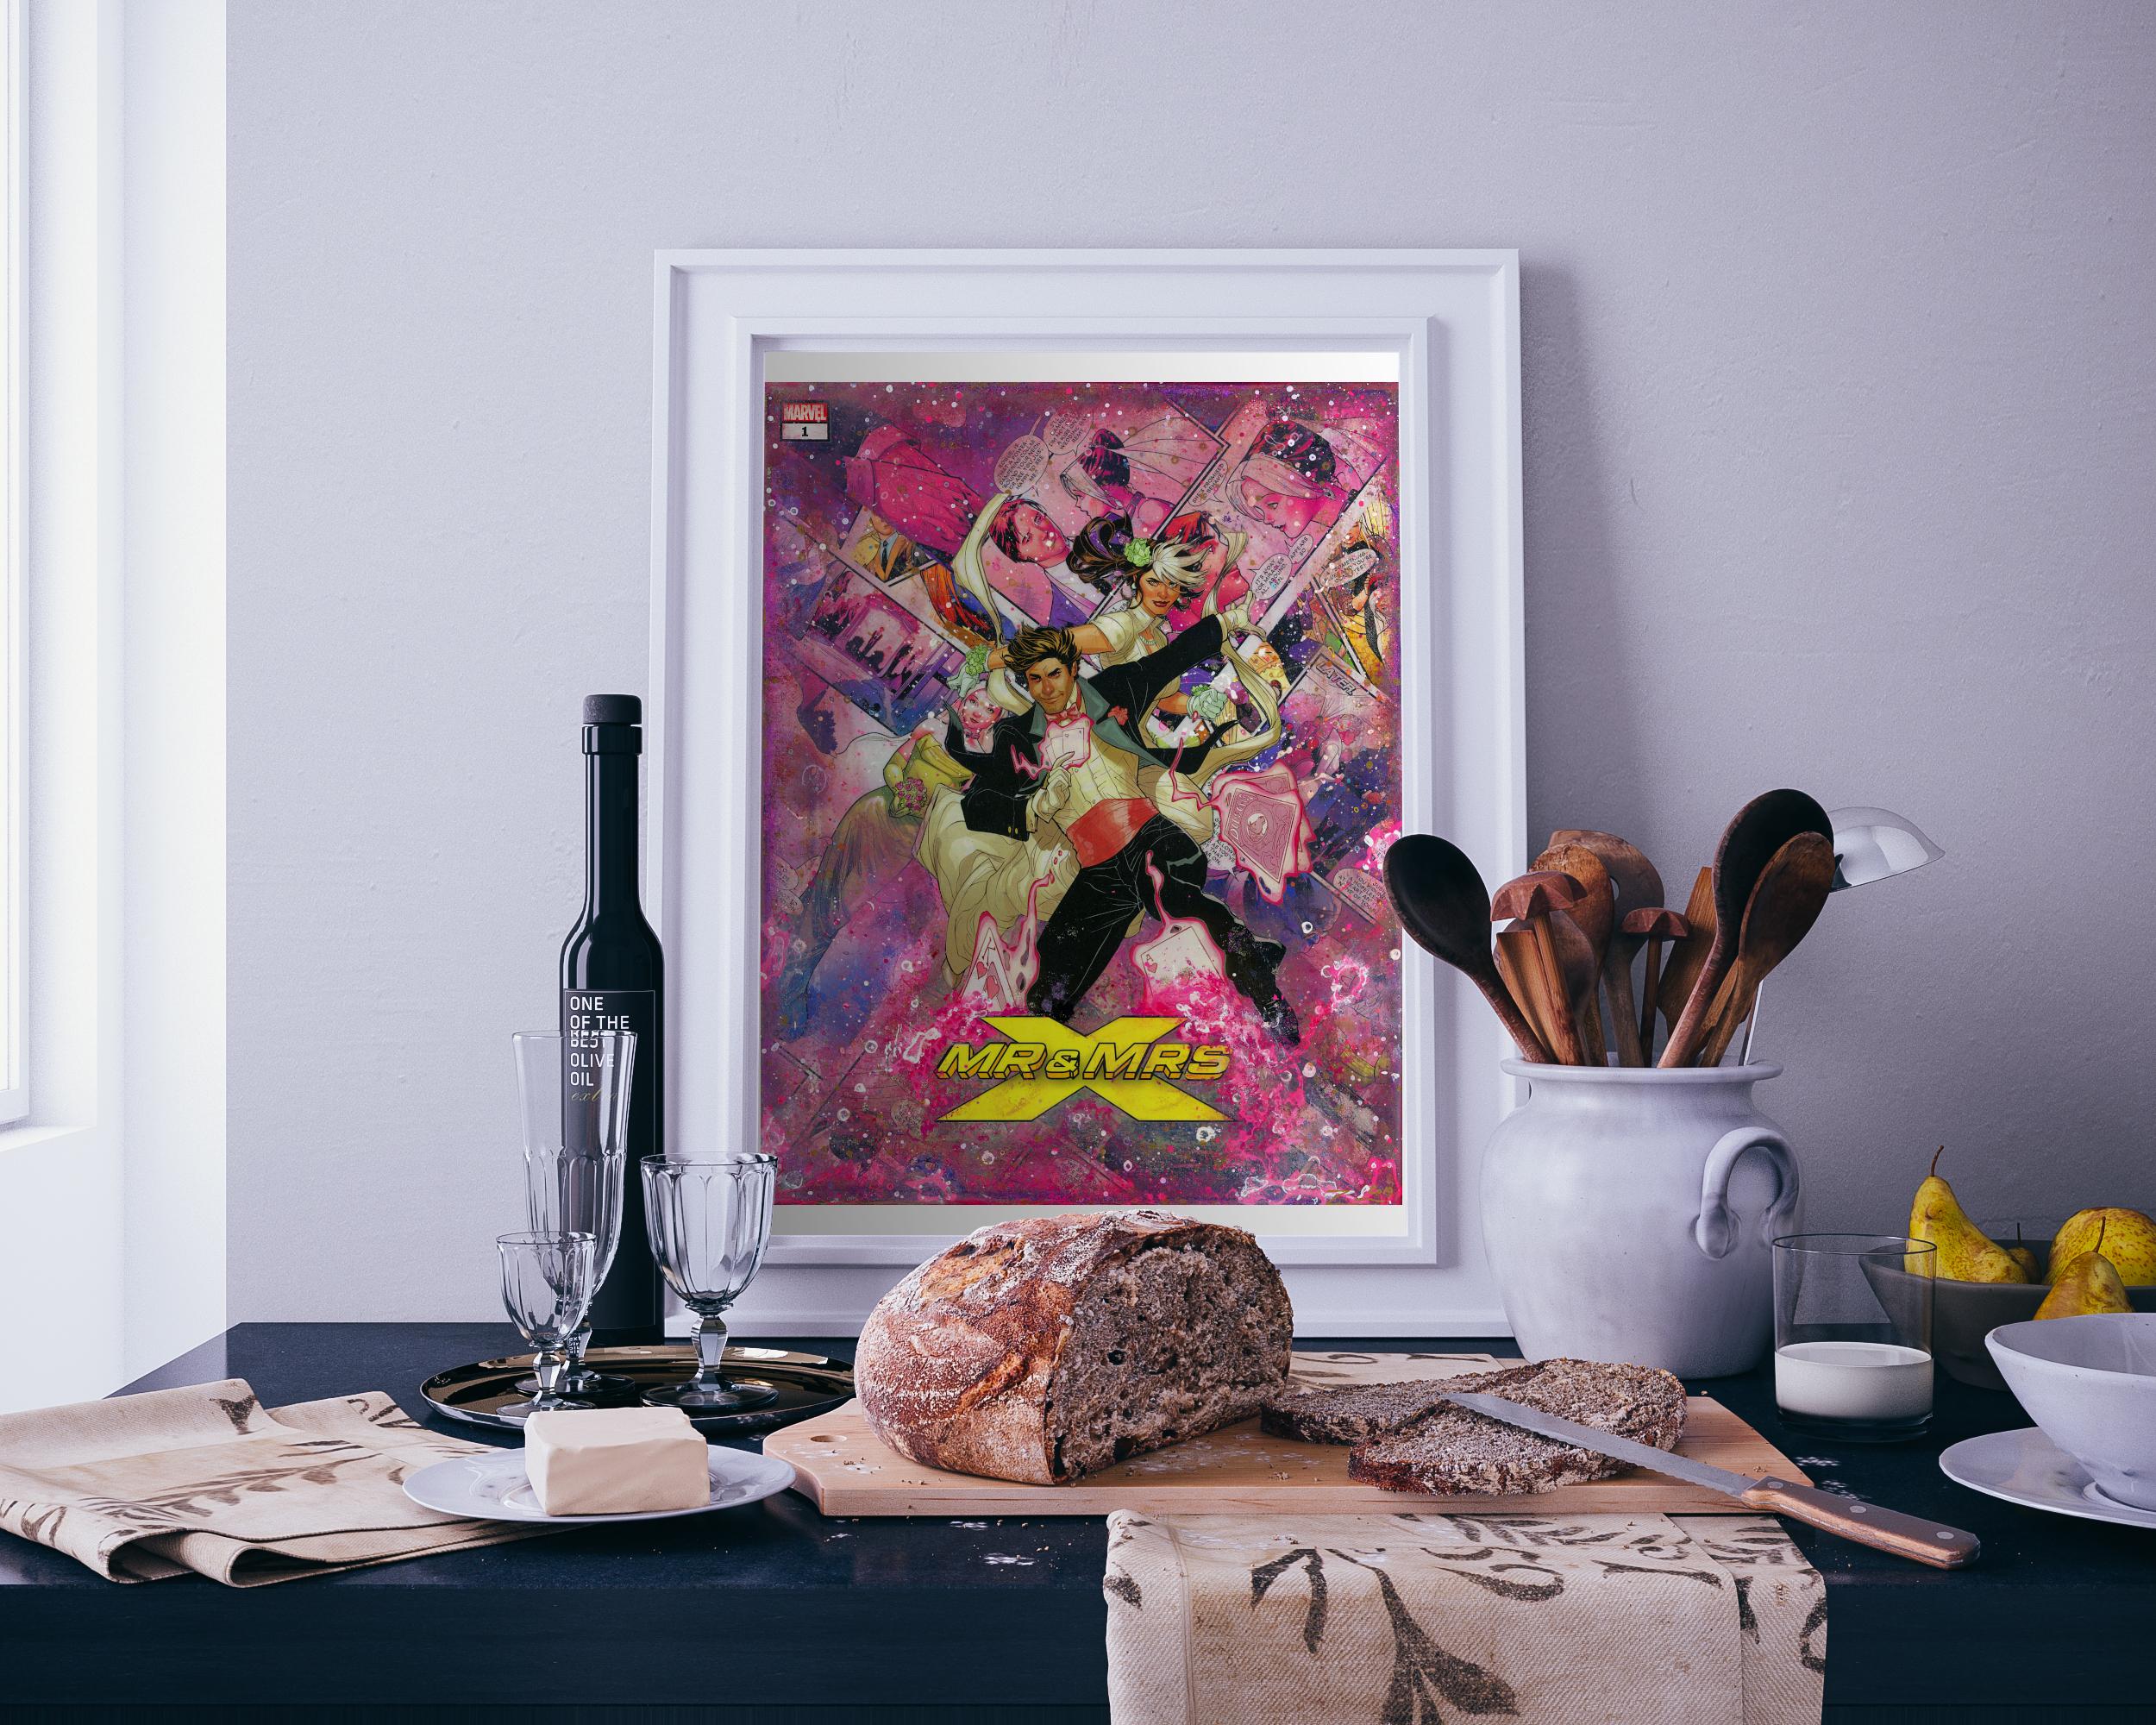 X-Men-Mr-Mrs-X-Kitchen-Bread-Mockup